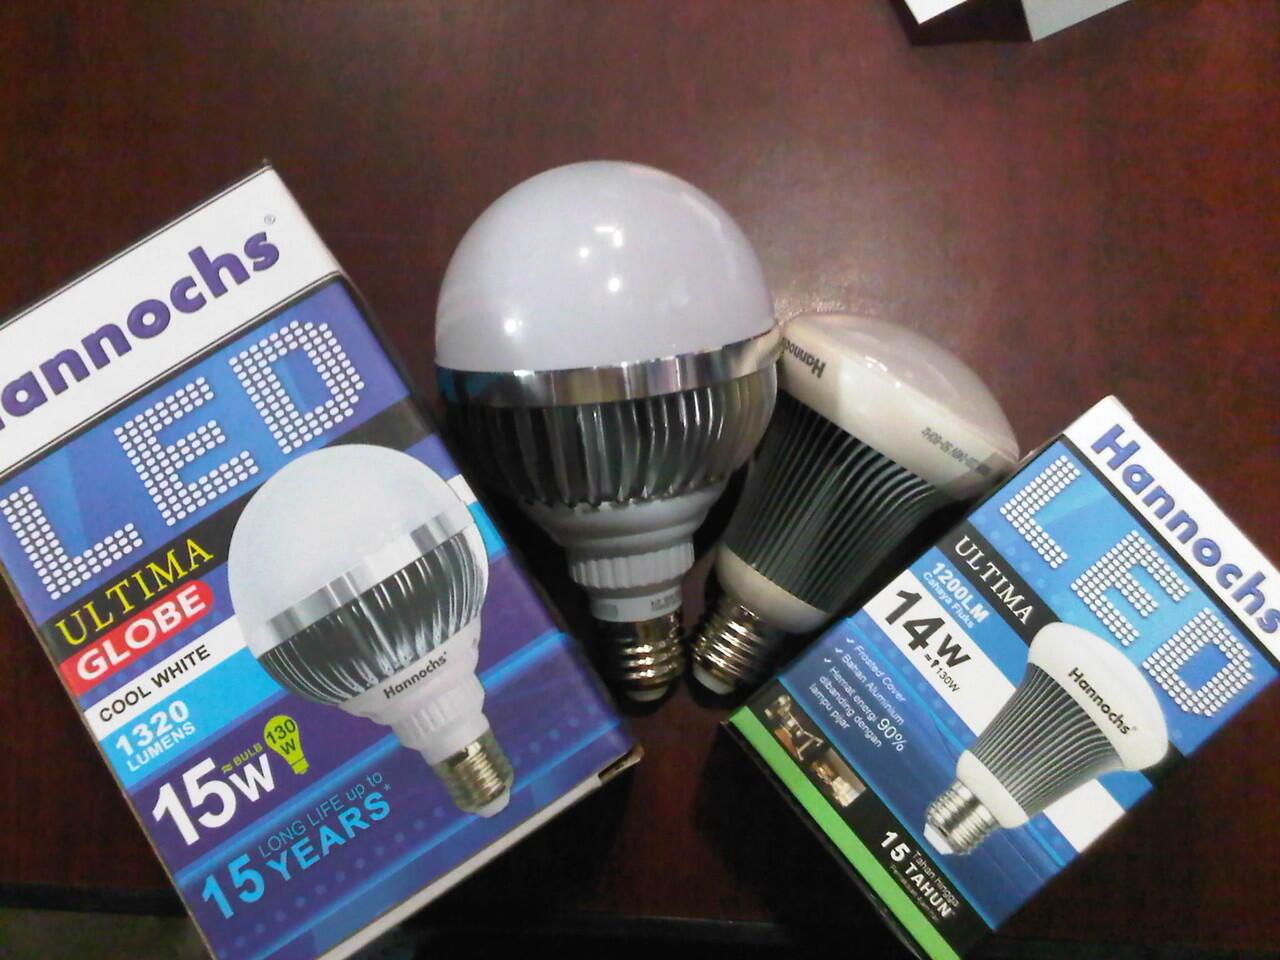 LAMPU LED HANNOCHS HEMAT ENERGI KUALITAS TERBAIK COCOK UNTUK PERKANTORAN